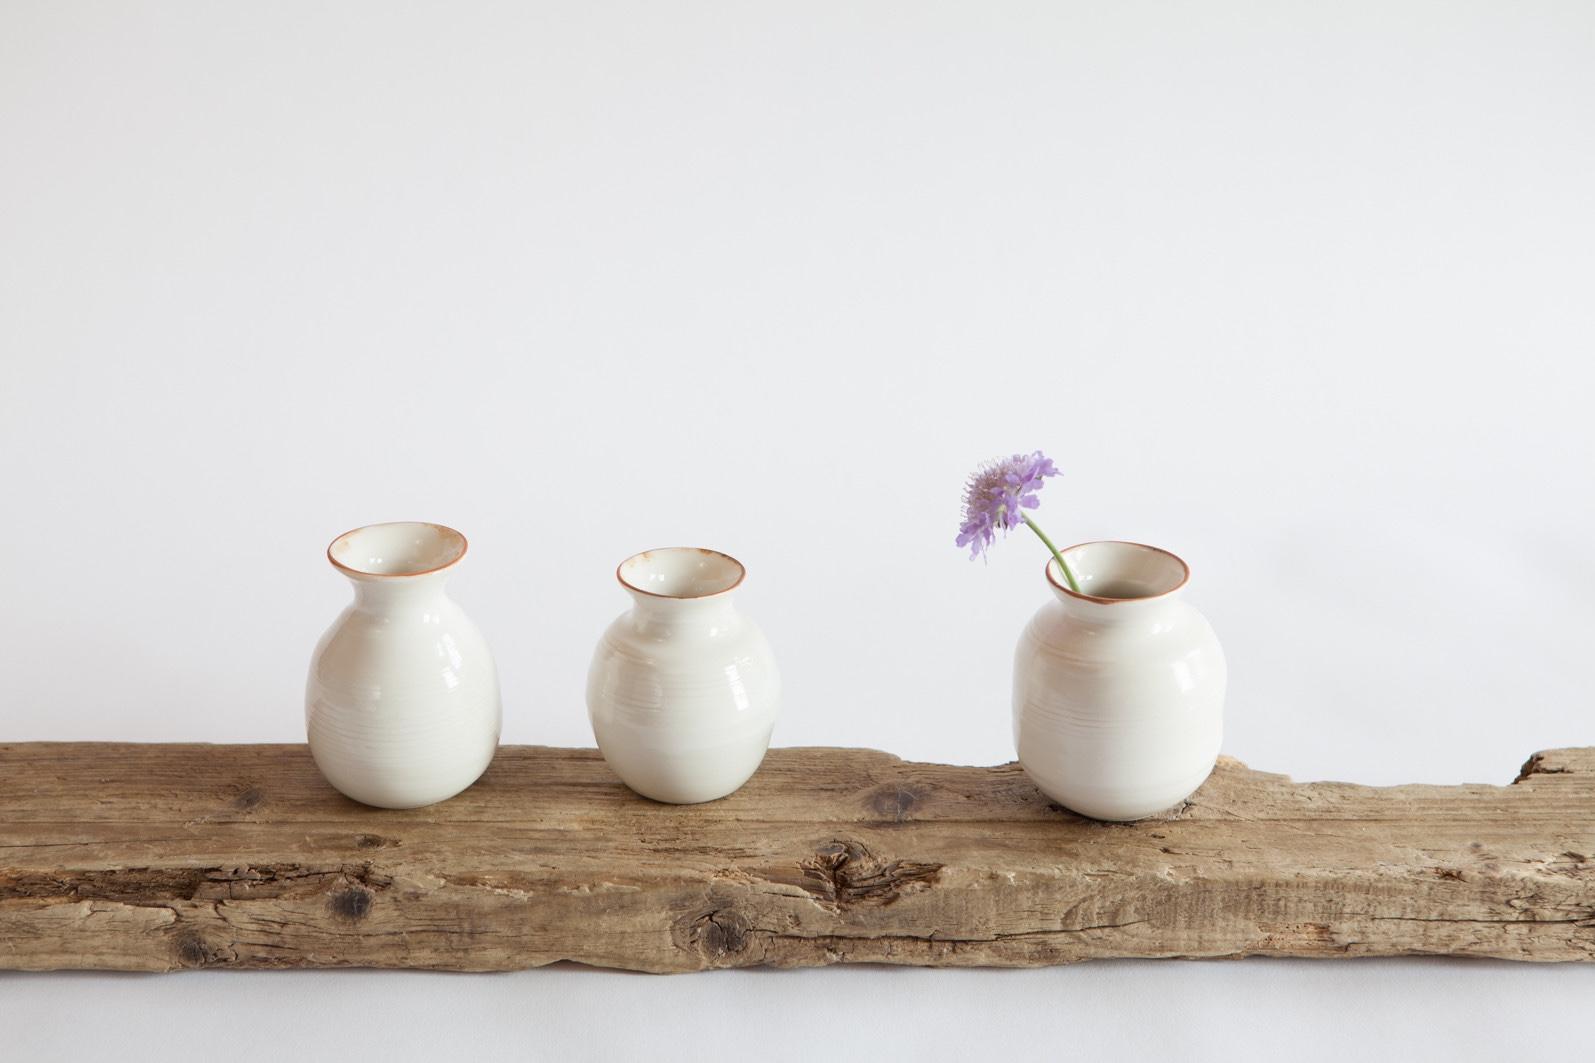 Bronze lustre rim posy vases